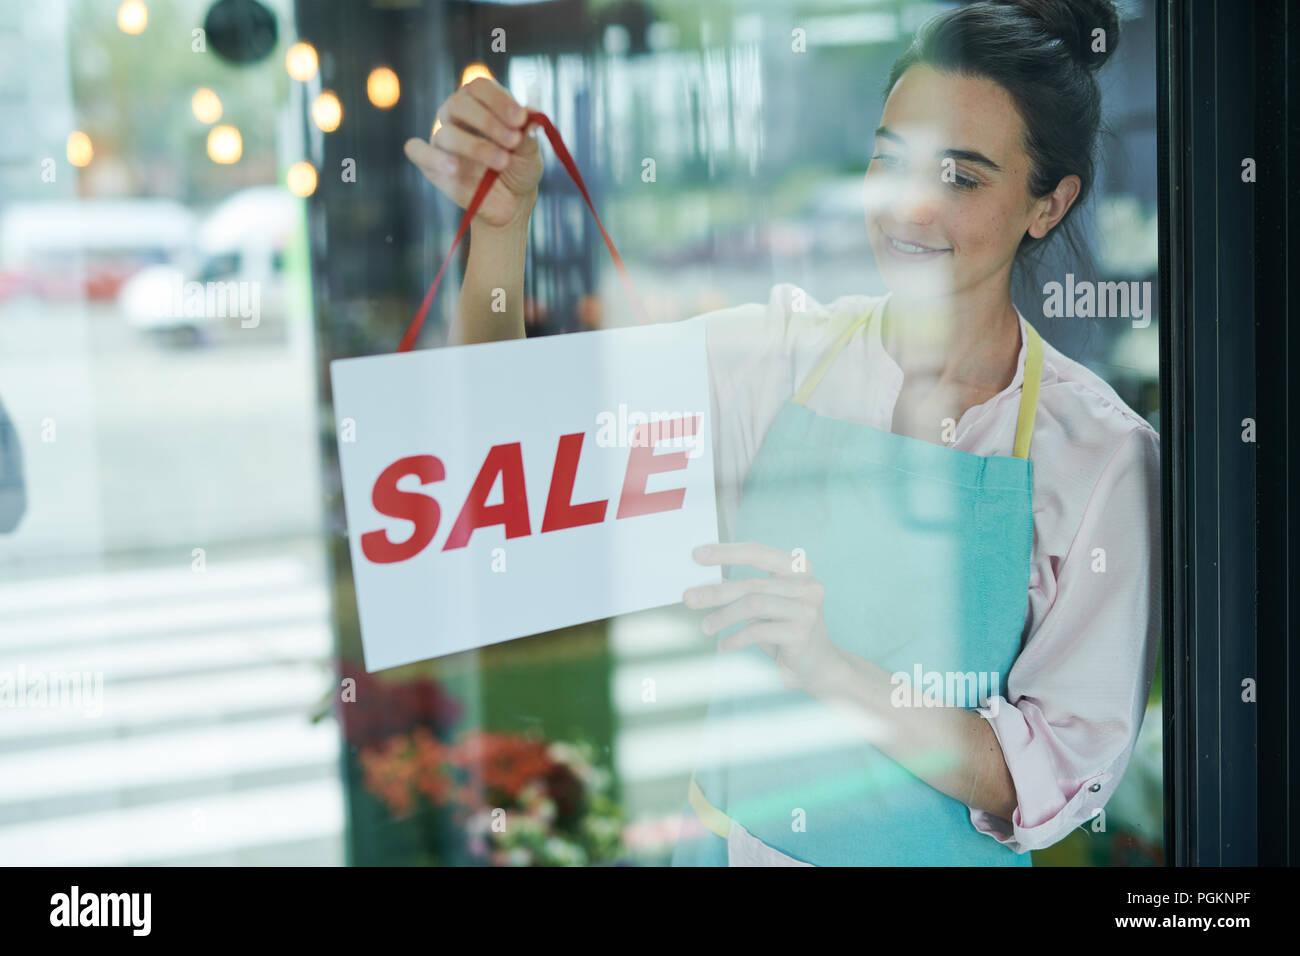 Cintura para arriba retrato de mujer sonriente tendero colgando venta puerta inicio de sesión Imagen De Stock